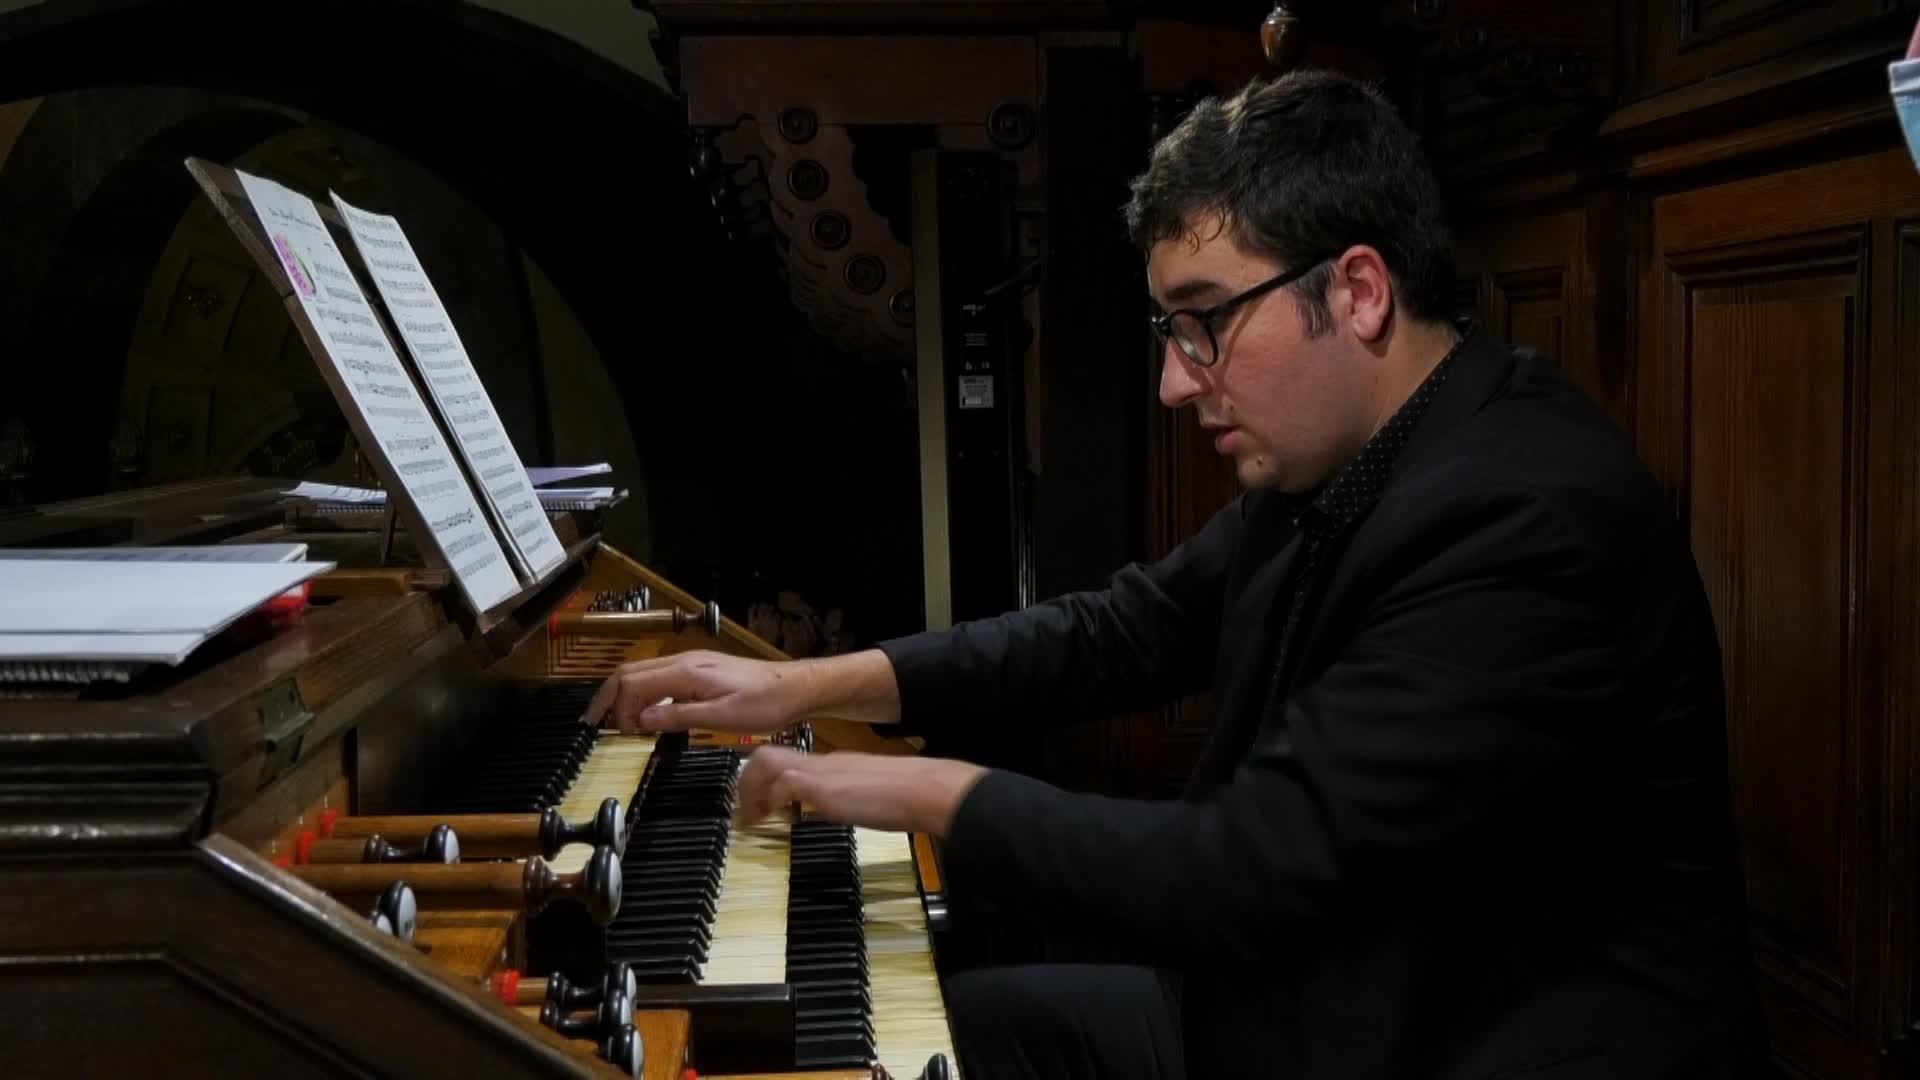 Organo Erromantikoaren XXI. Zikloa Ignacio Arakistain organista, Jon Aramendi tronpeta eta Mariatxen Urkia sopranoa